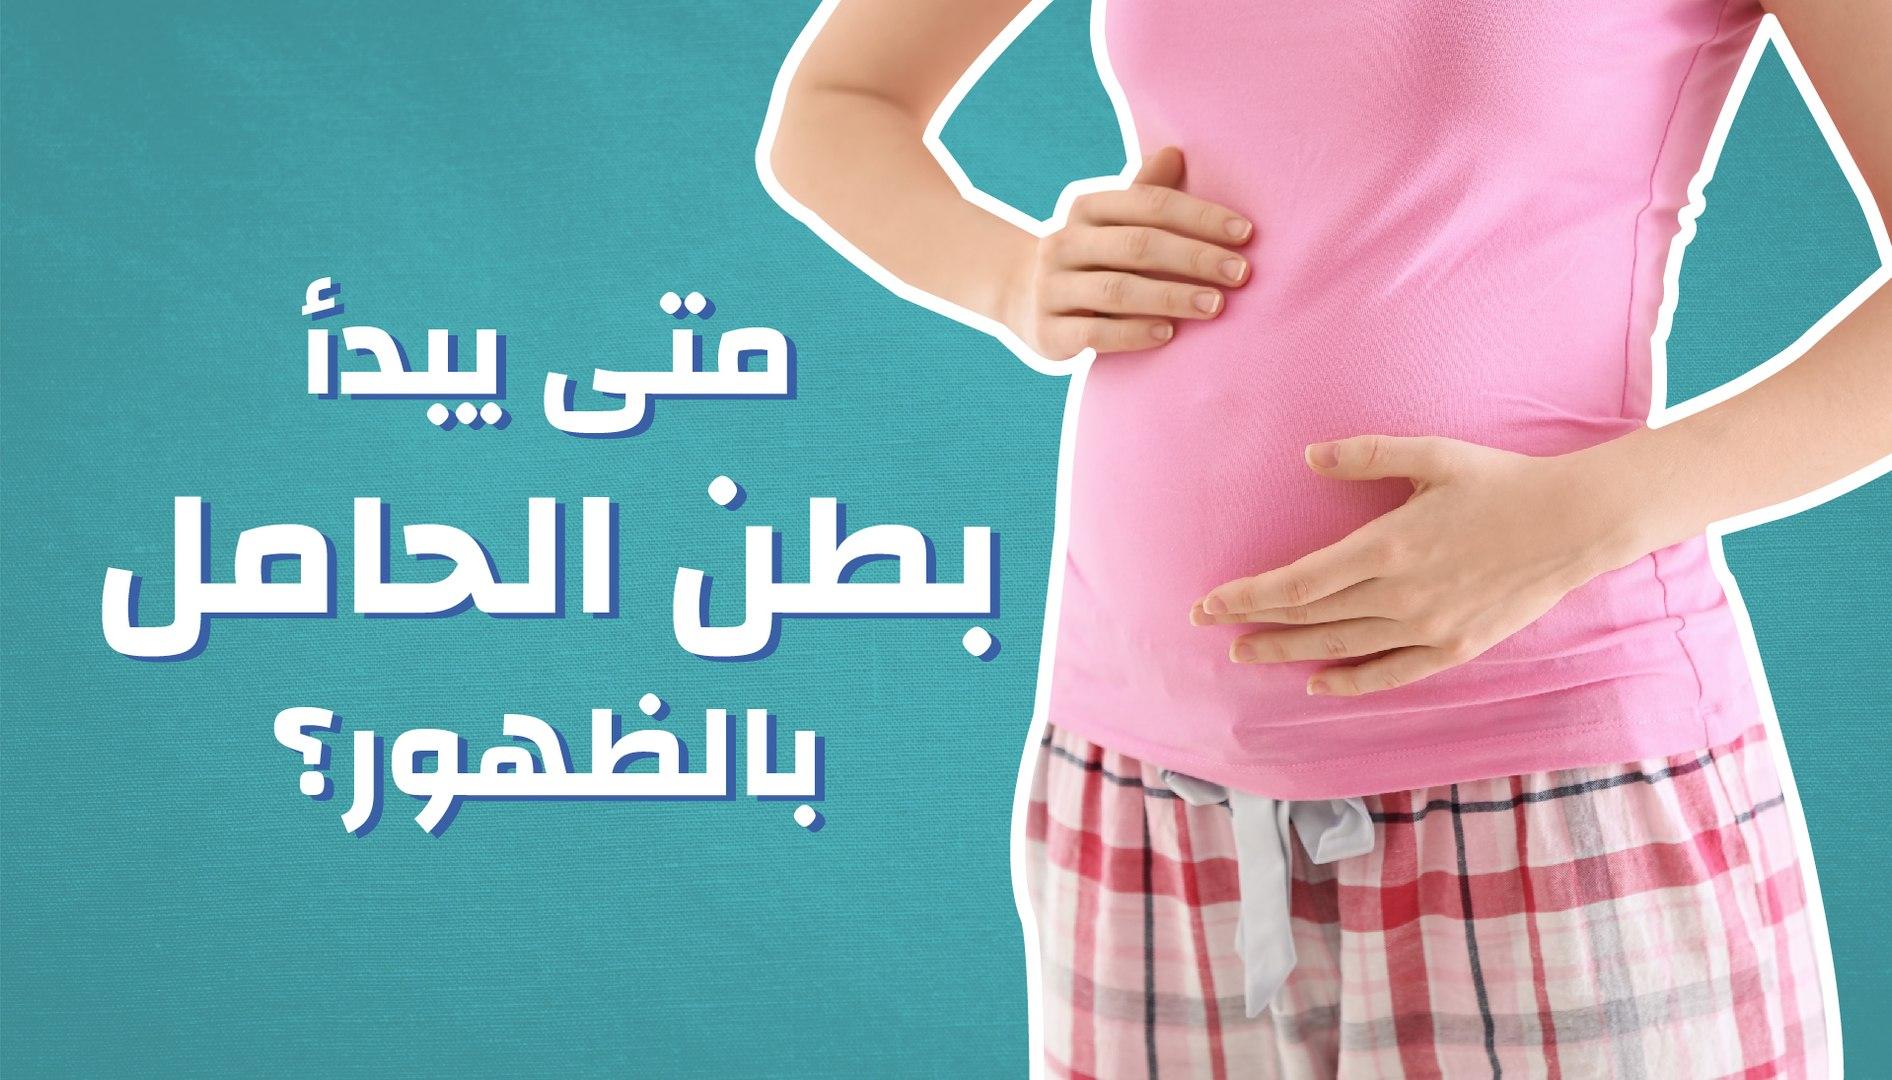 متى يبدأ بطن الحامل بالظهور فيديو Dailymotion